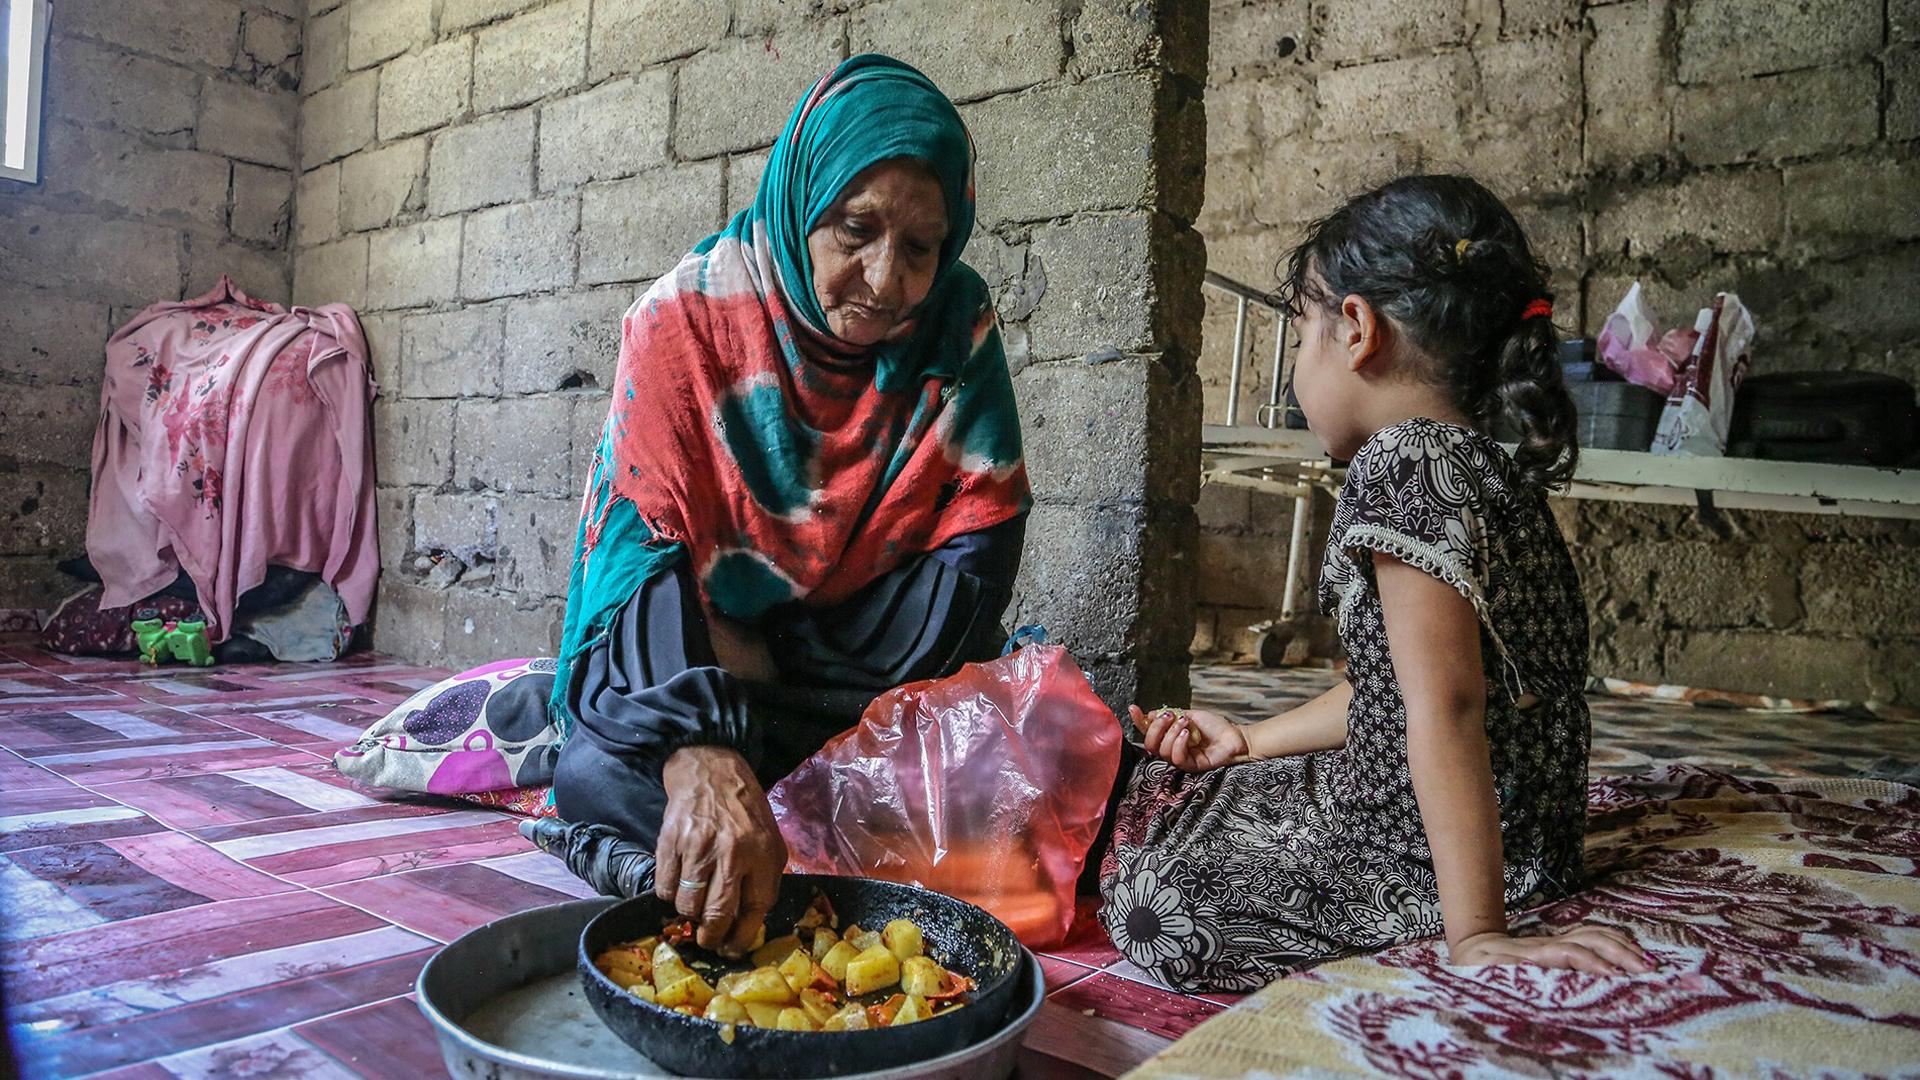 Advierte Nobel de la Paz pandemia de hambre peor que Covid